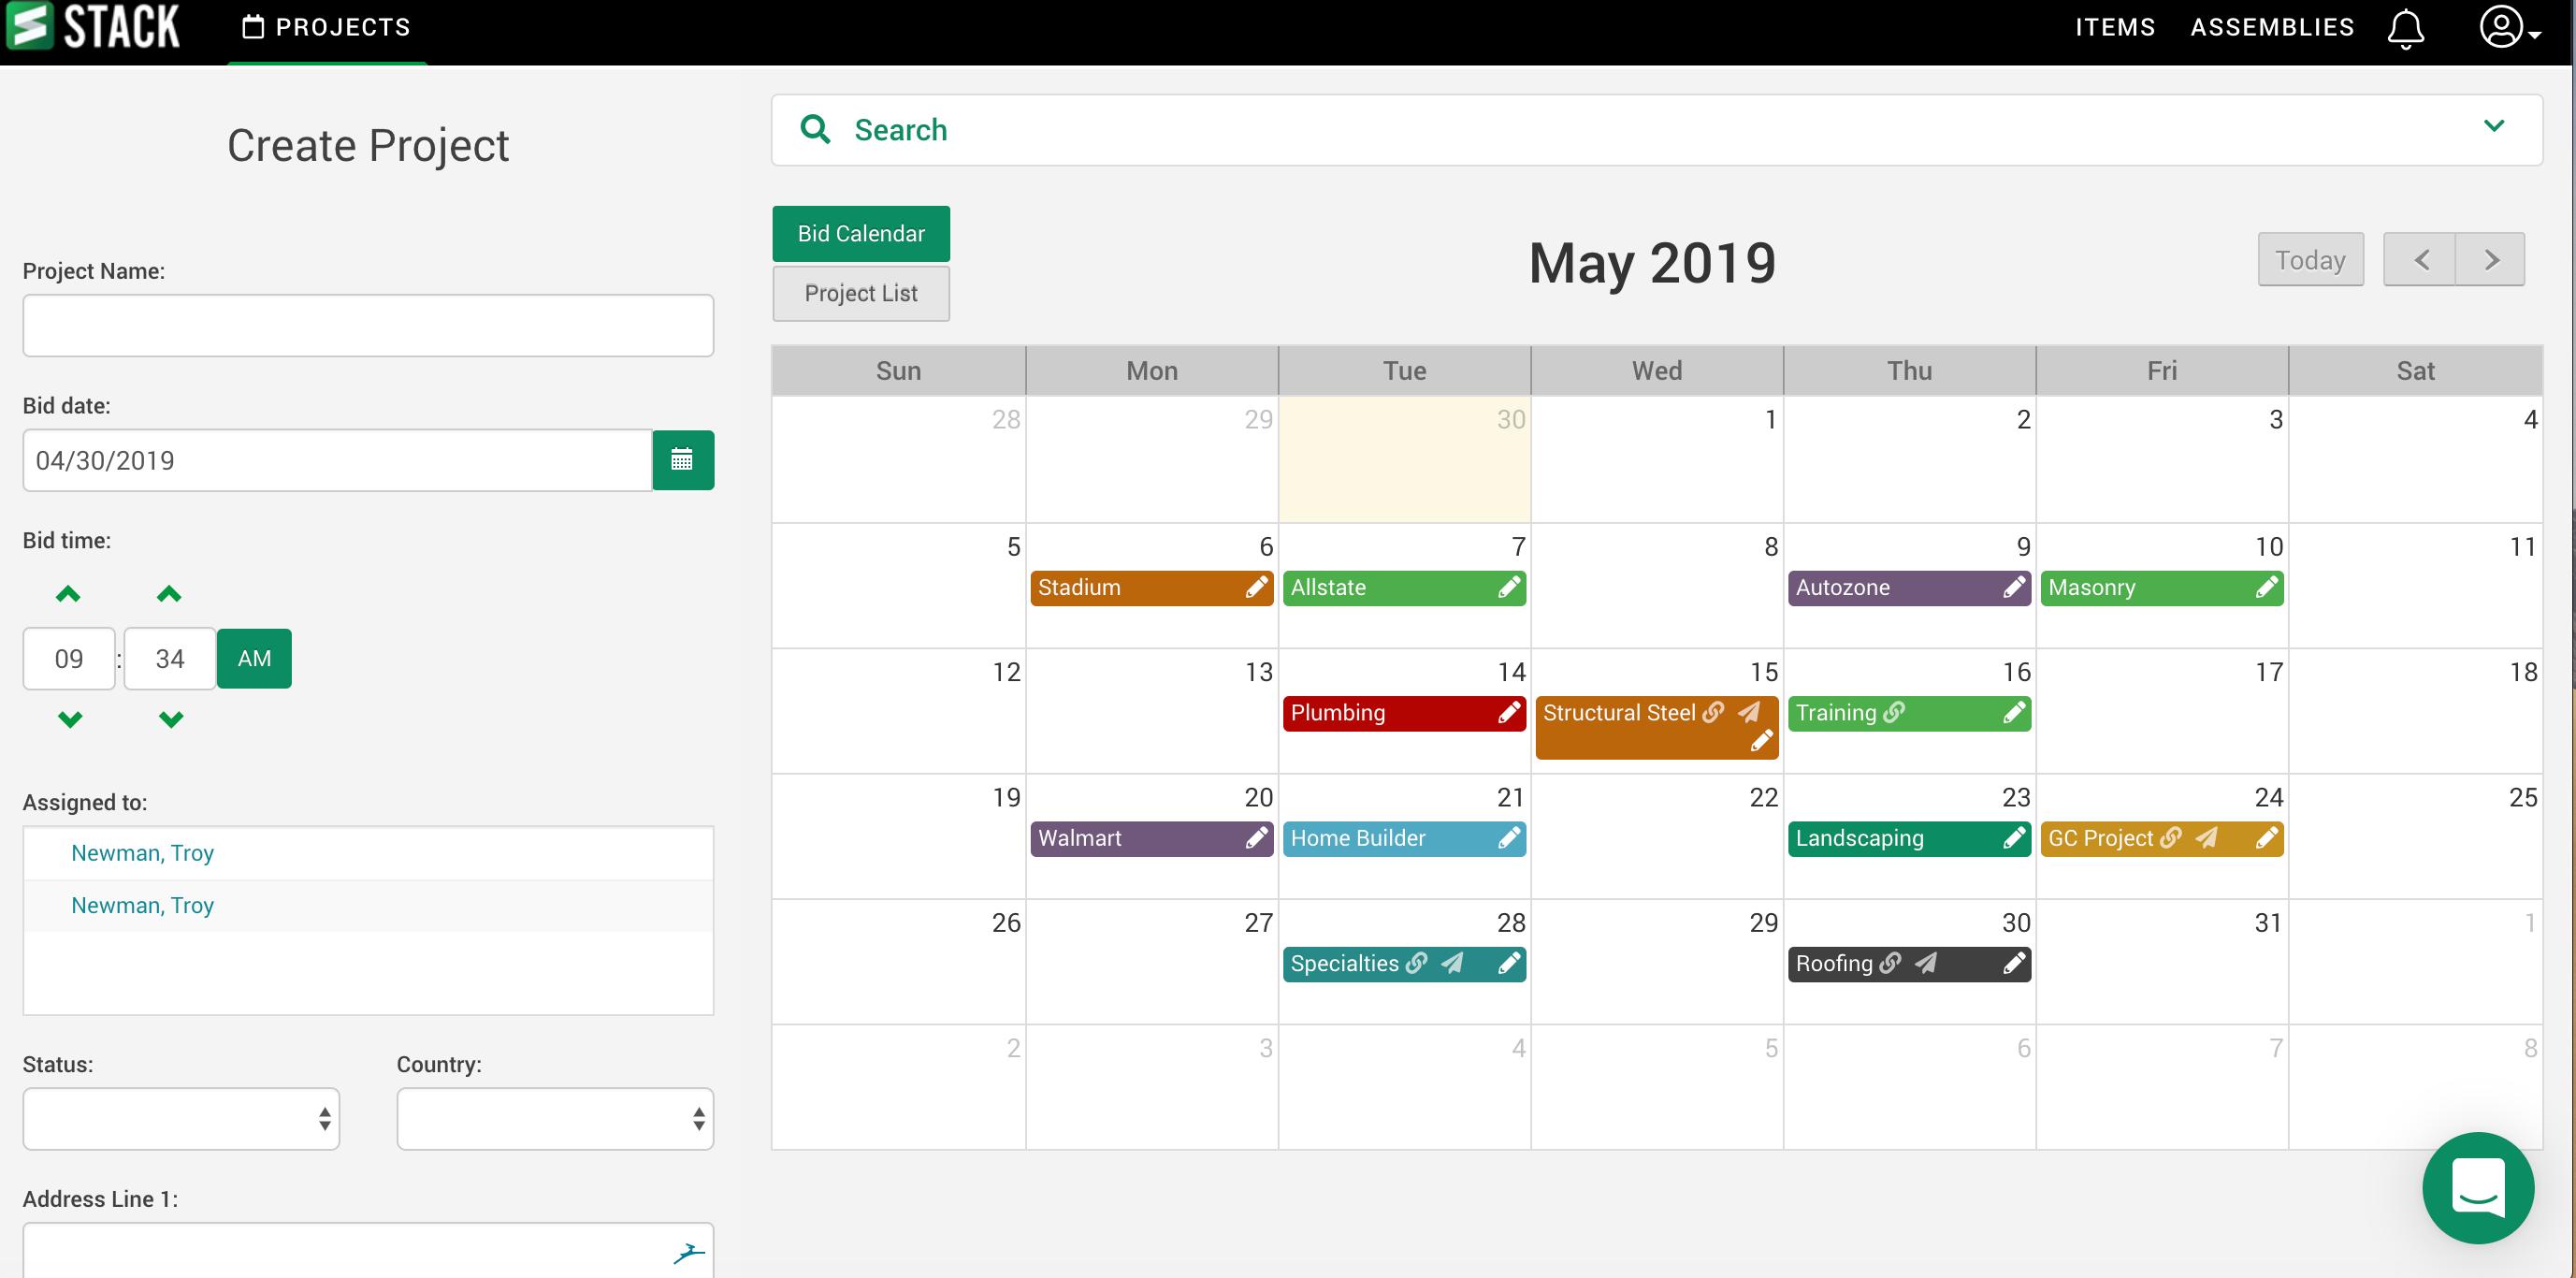 STACK bid calendar